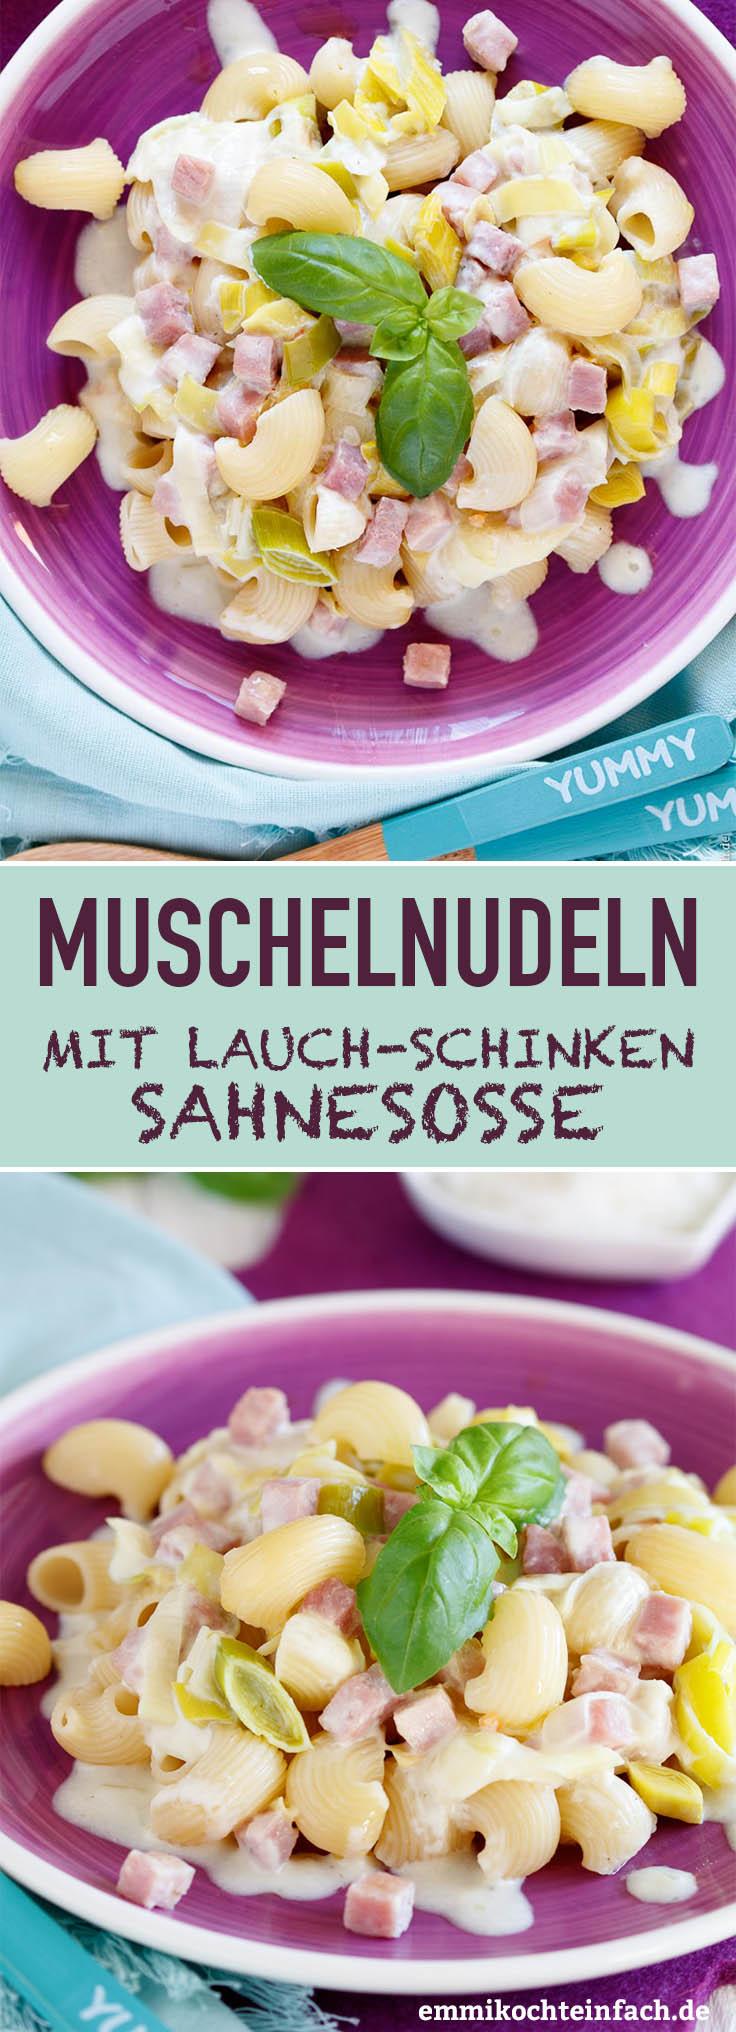 Muschelnudeln in Lauch Schinken Sahnesoße - www.emmikochteinfach.de